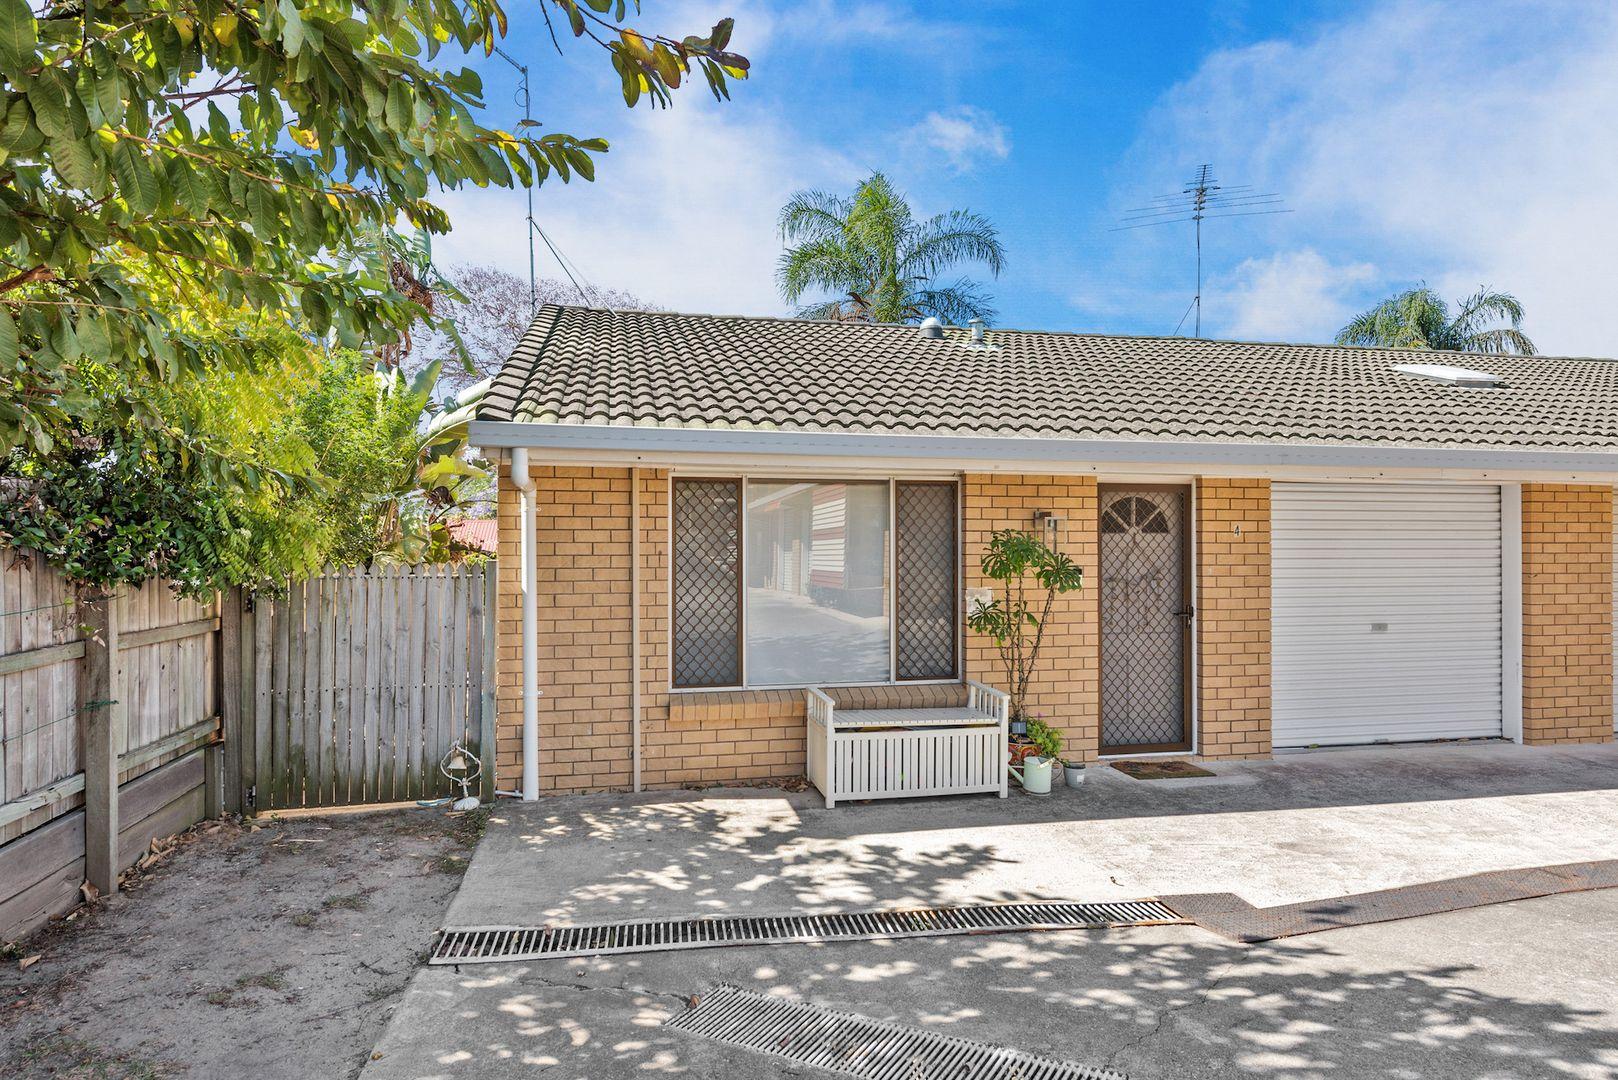 4/30 EVELINE, Margate QLD 4019, Image 1